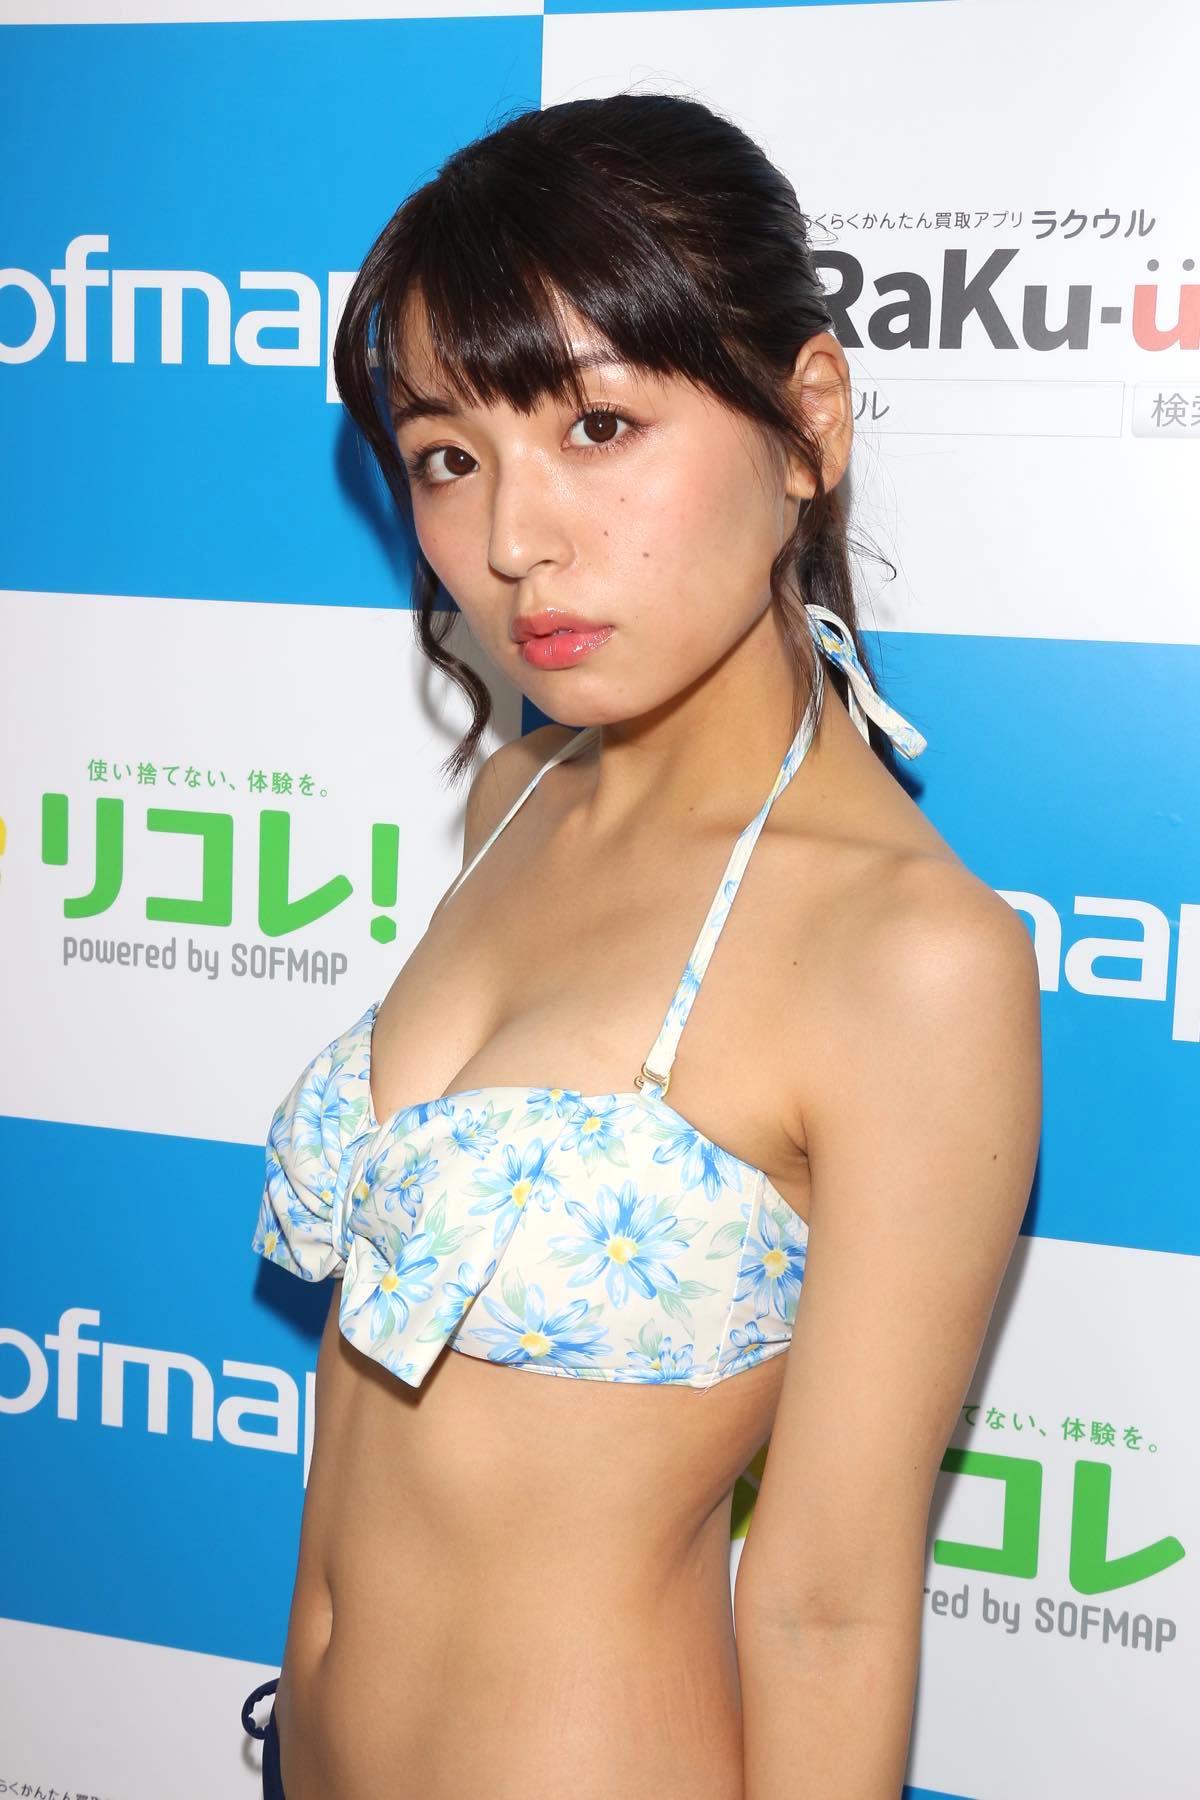 竹本茉莉「ハミ出てビックリ」最後のビキニ姿を大公開!【写真34枚】の画像012